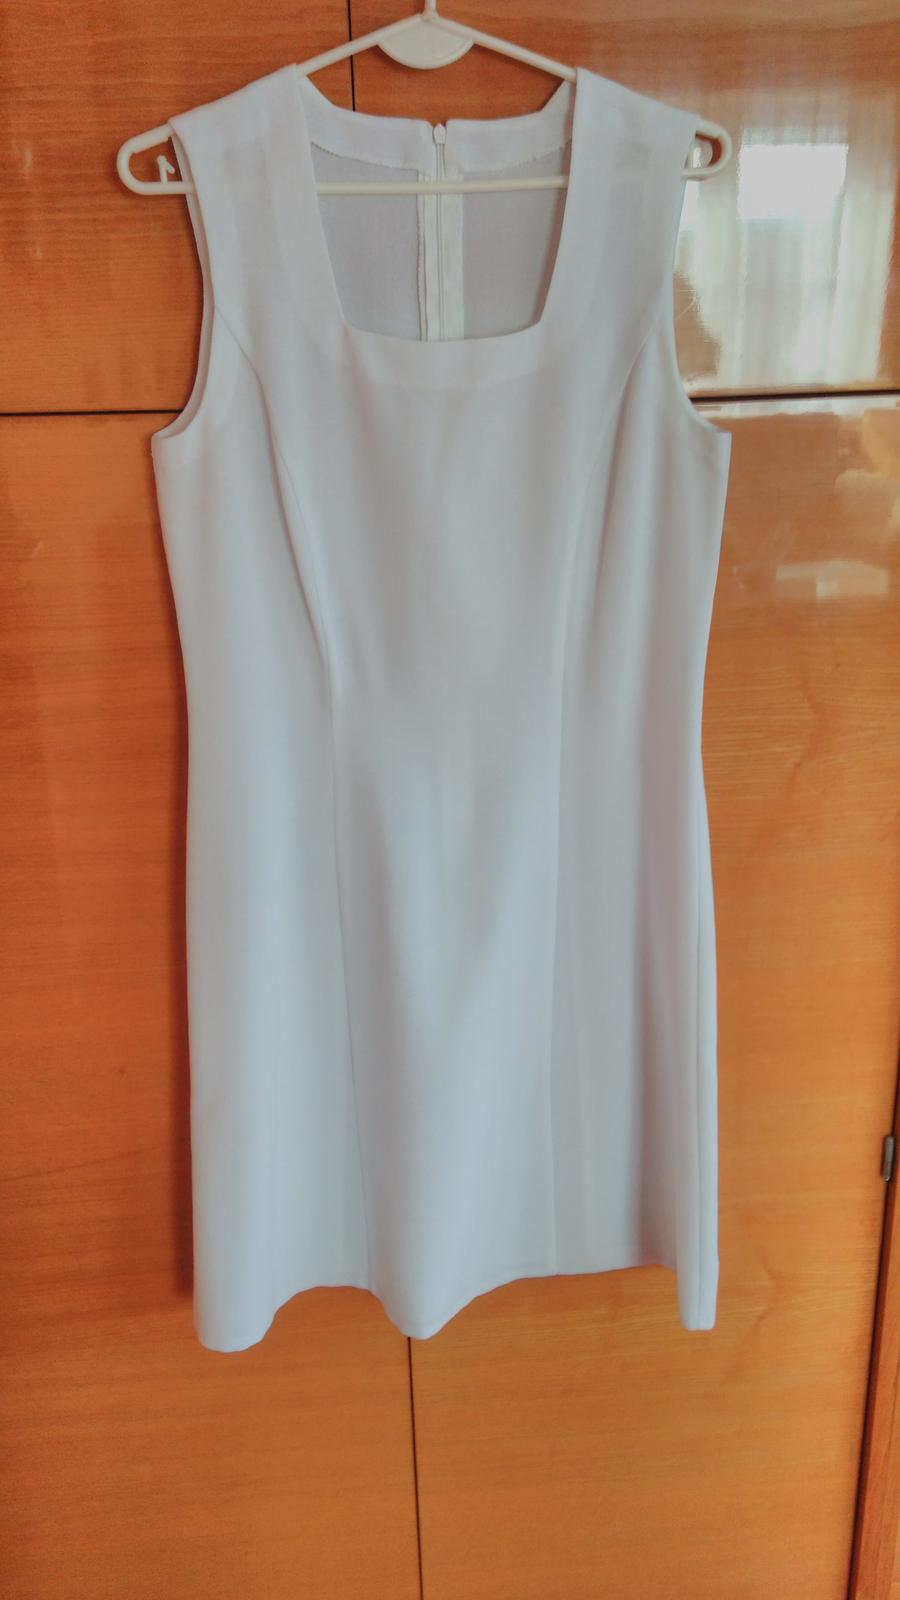 letní šaty se sakem - Obrázek č. 2